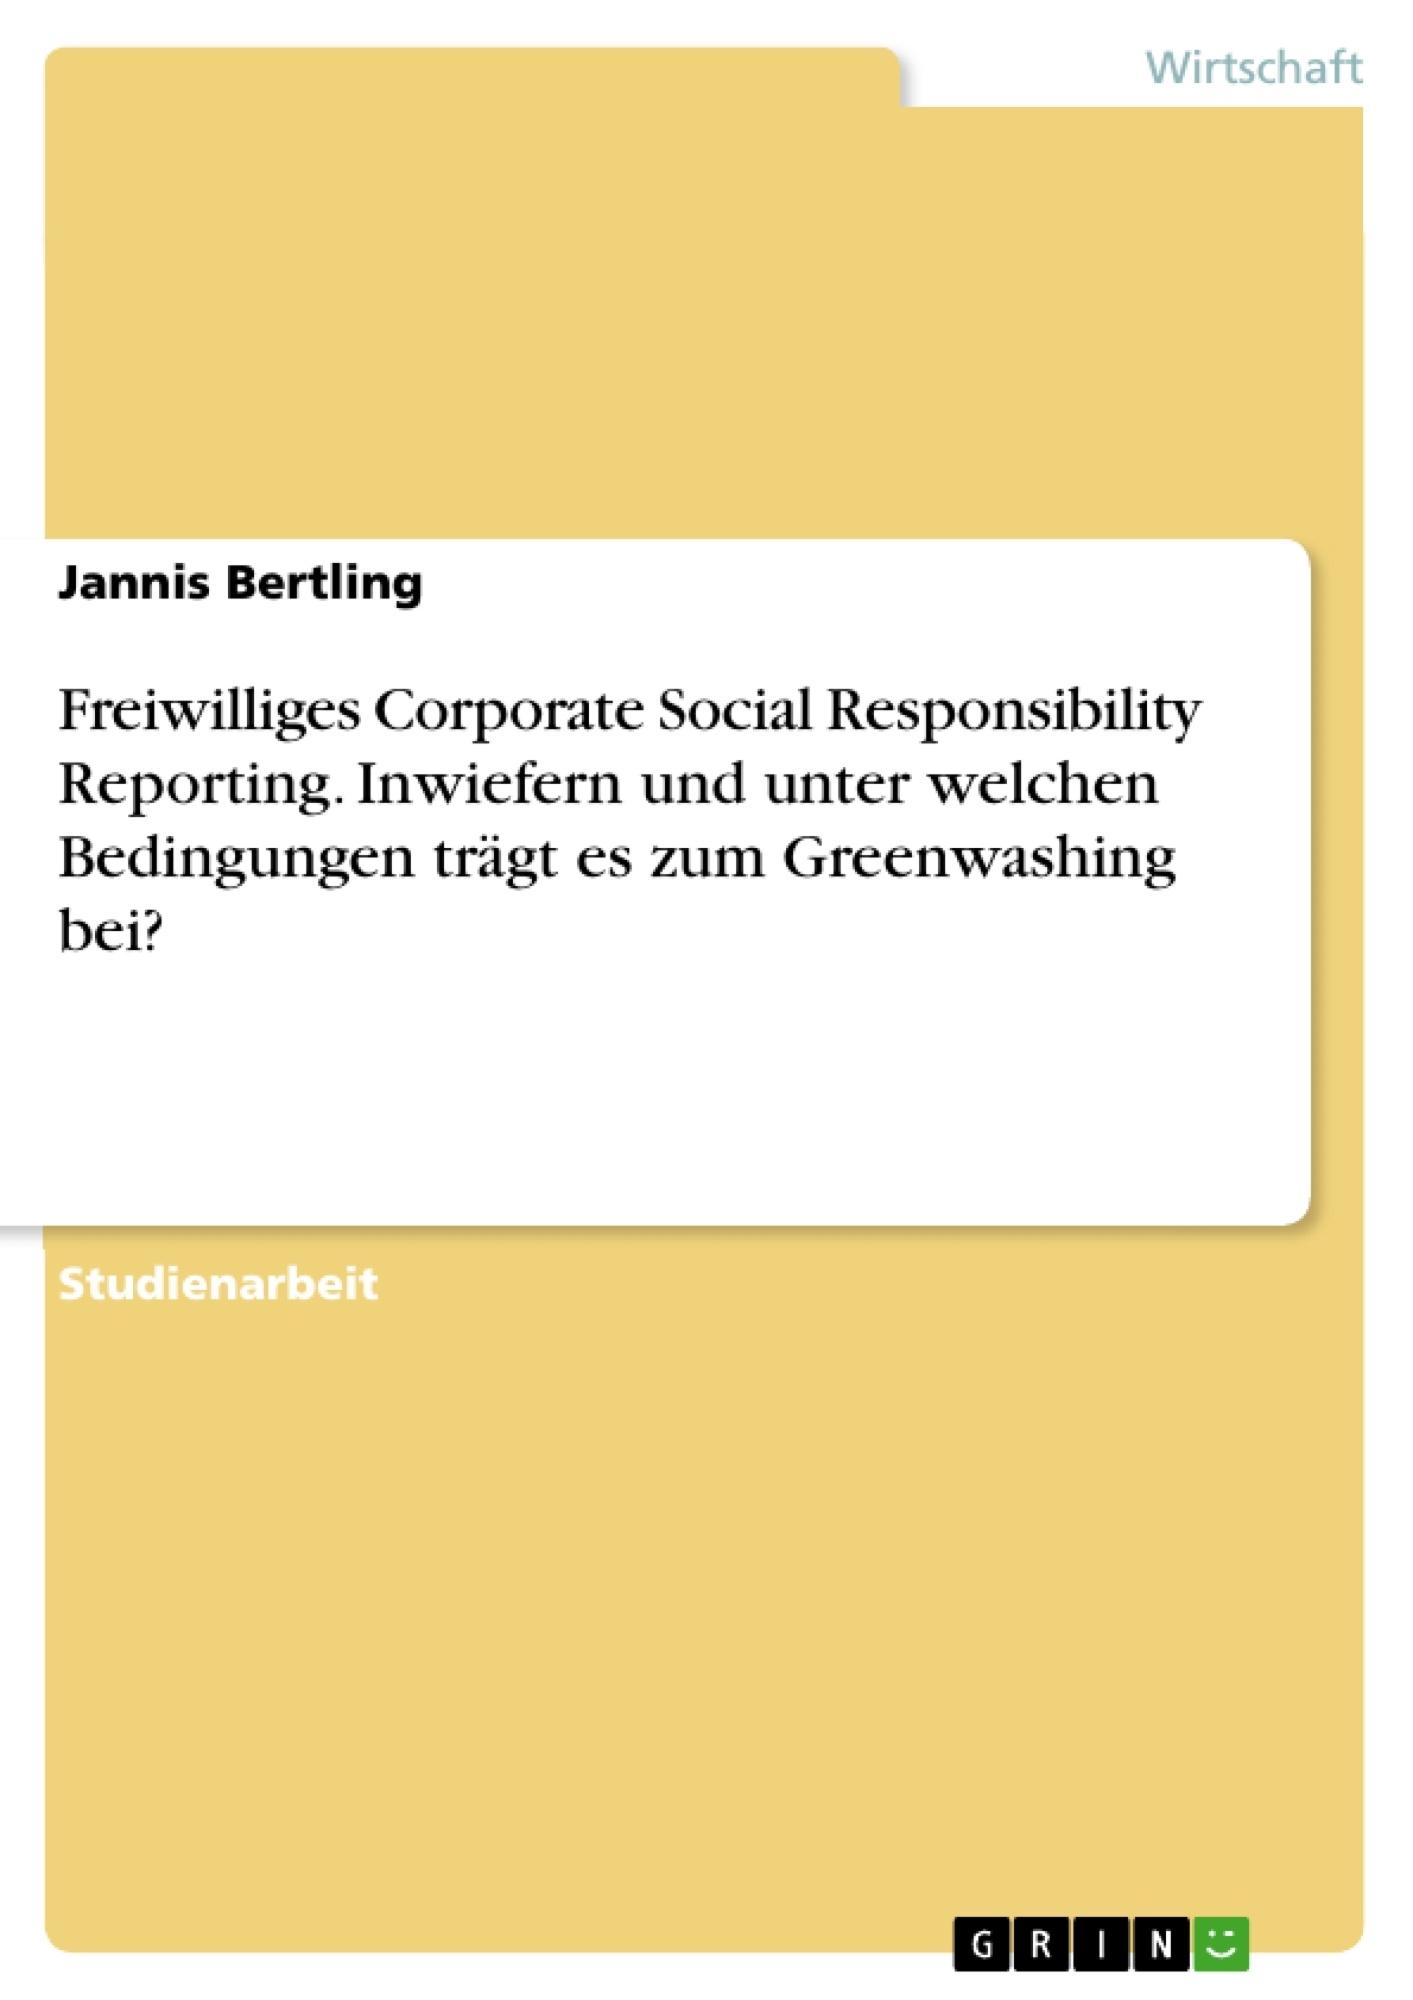 Titel: Freiwilliges Corporate Social Responsibility Reporting. Inwiefern und unter welchen Bedingungen trägt es zum Greenwashing bei?